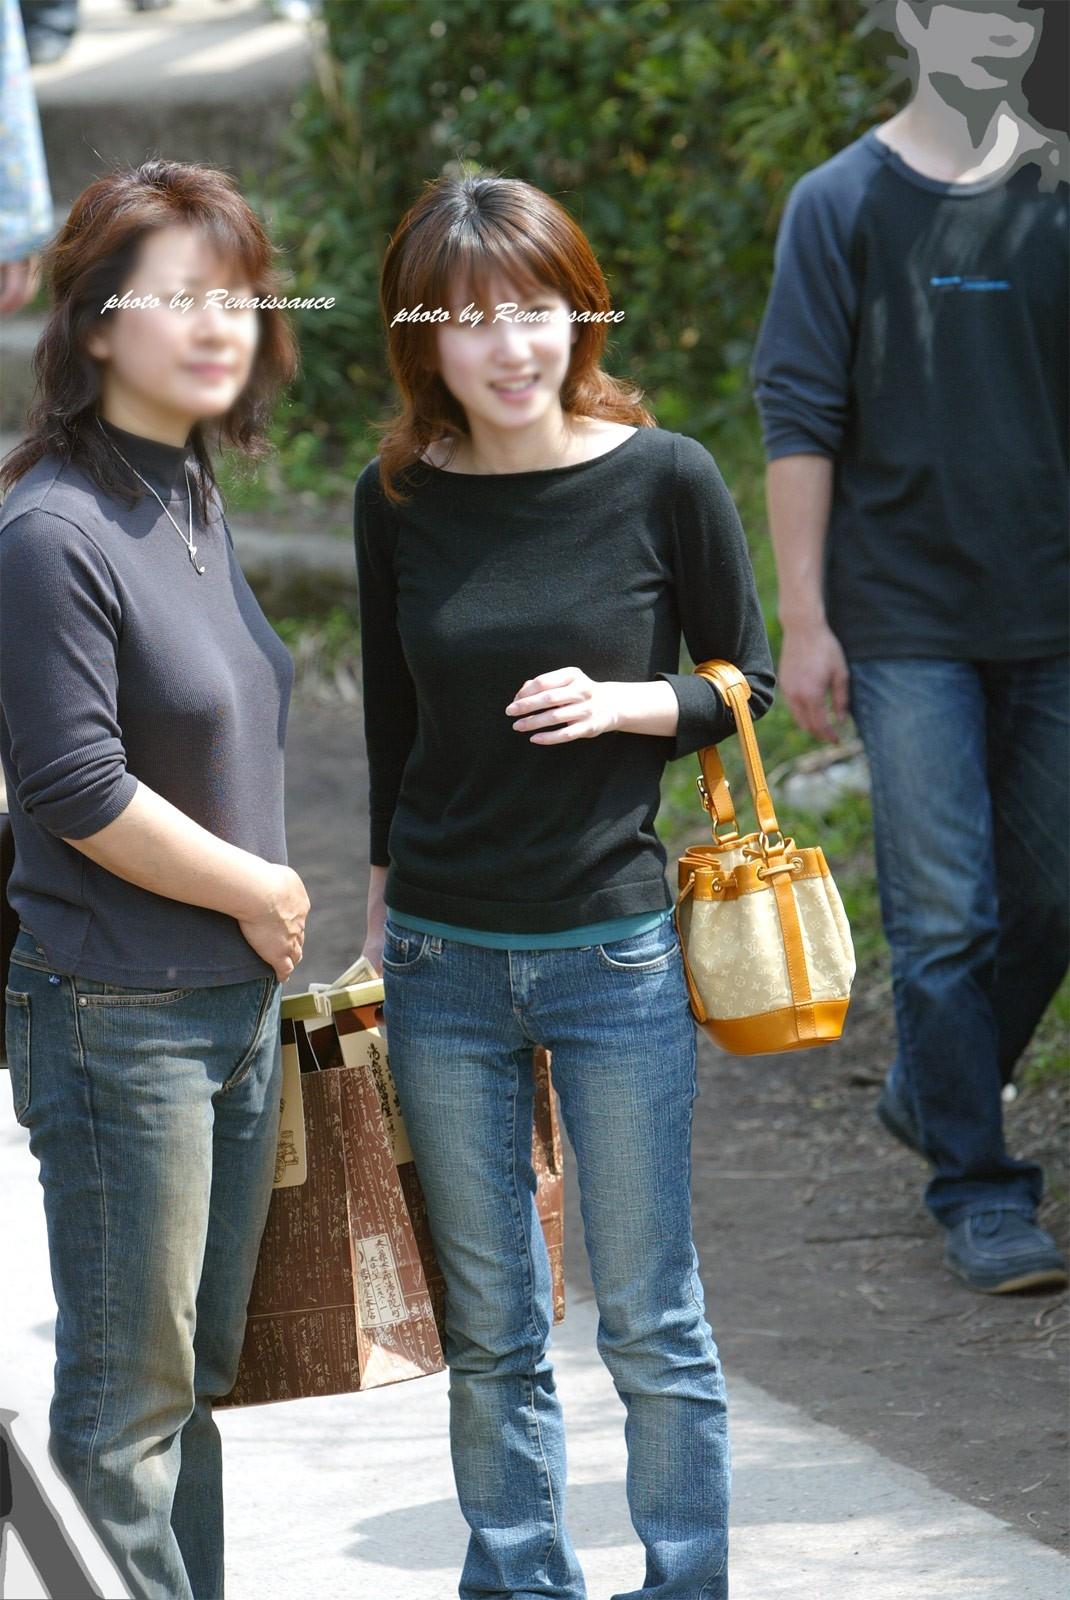 パンツルックの女性の股間を撮ったVラインのライン街撮り素人エロ画像21